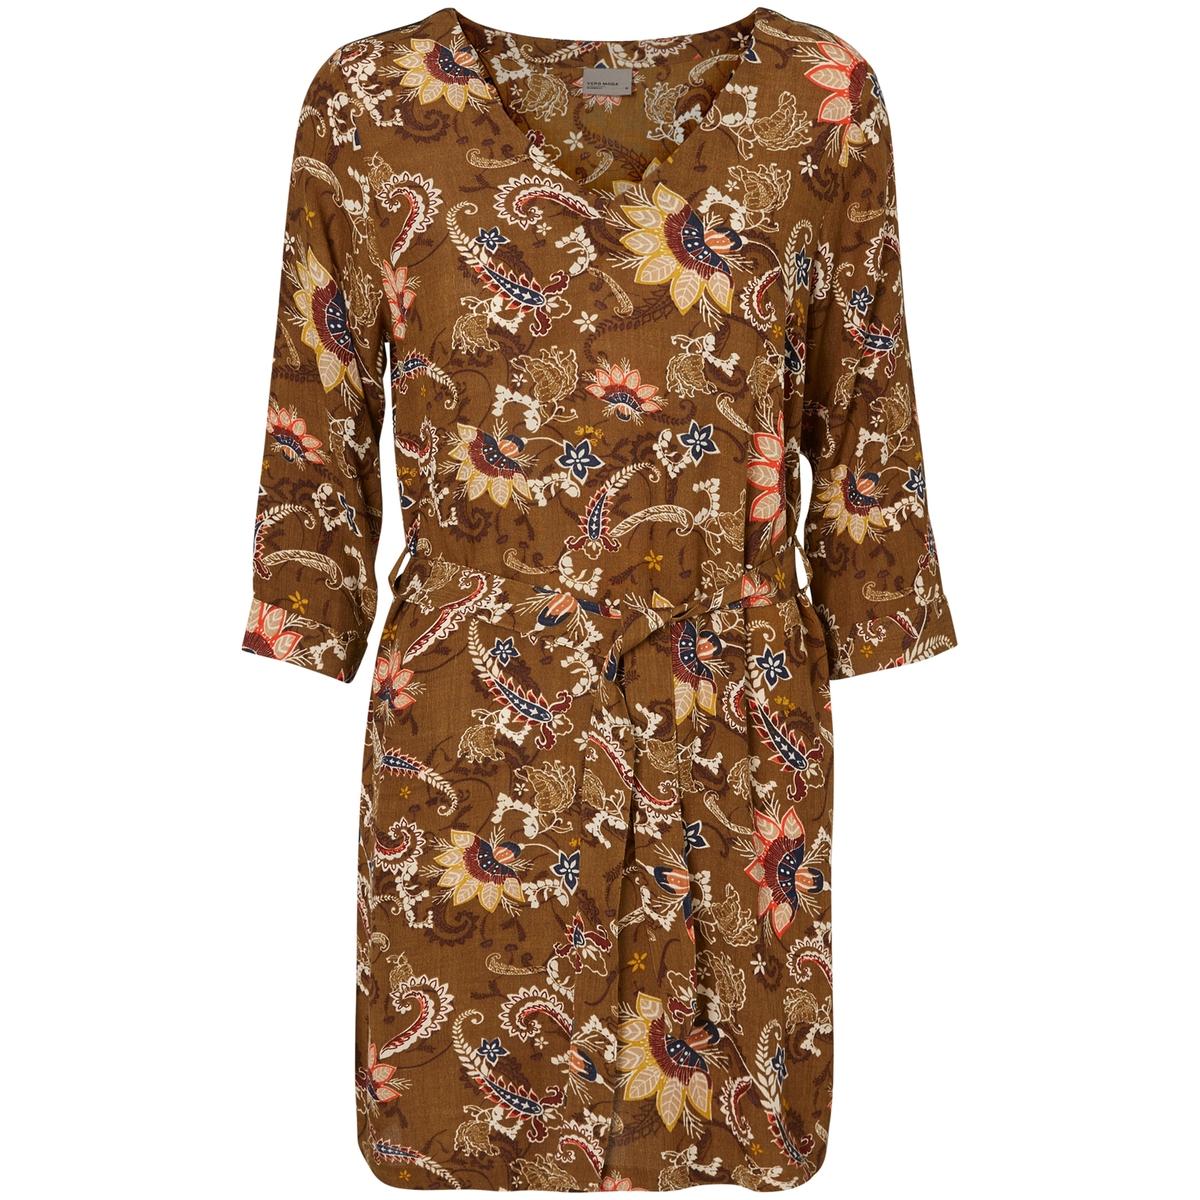 Платье короткое с принтом Norma цена 2016